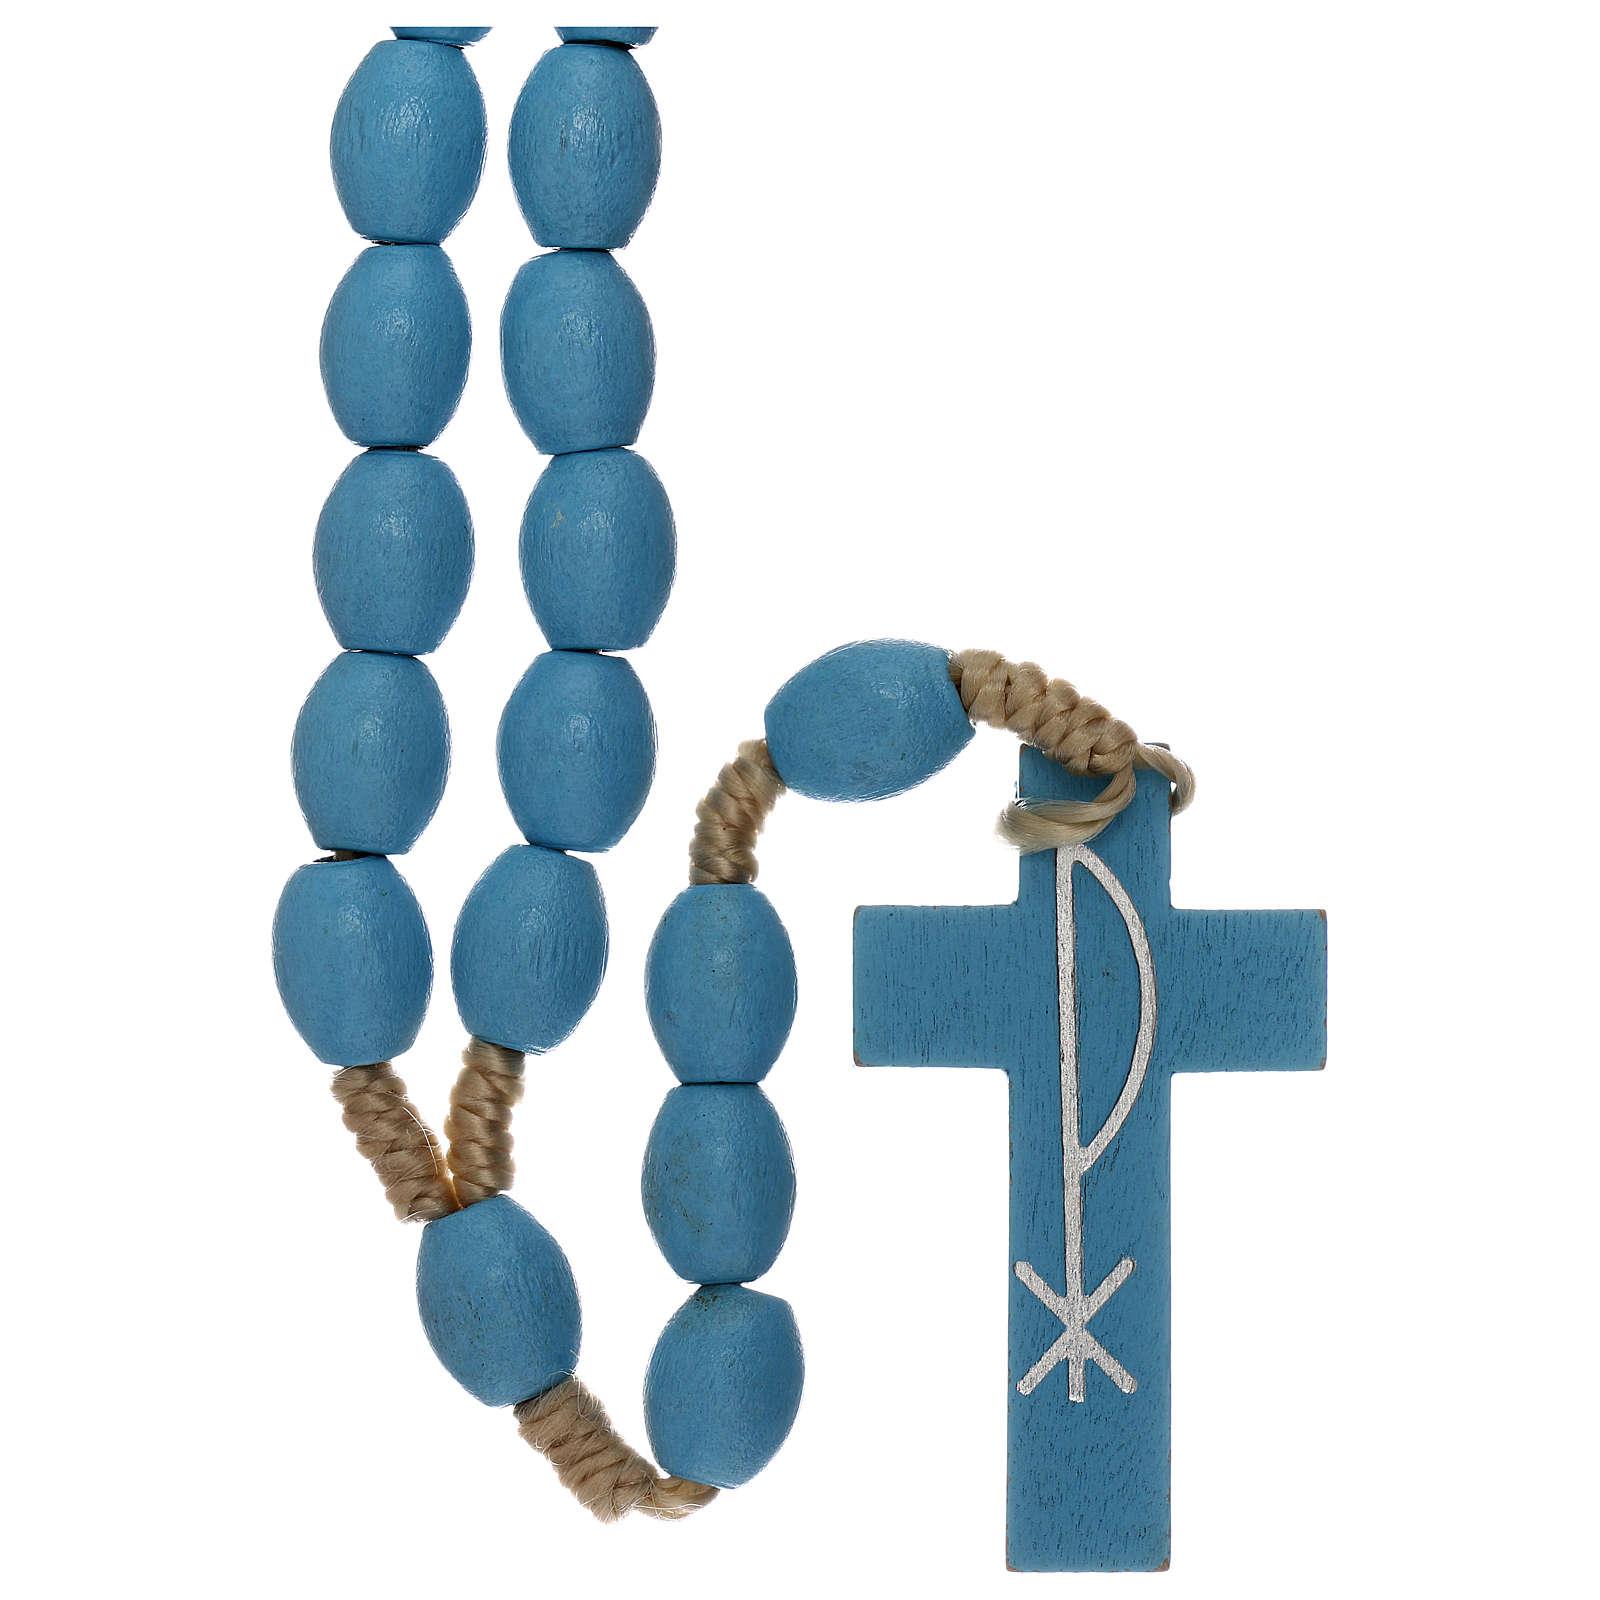 Rosario grani legno azzurro Medjugorje 4